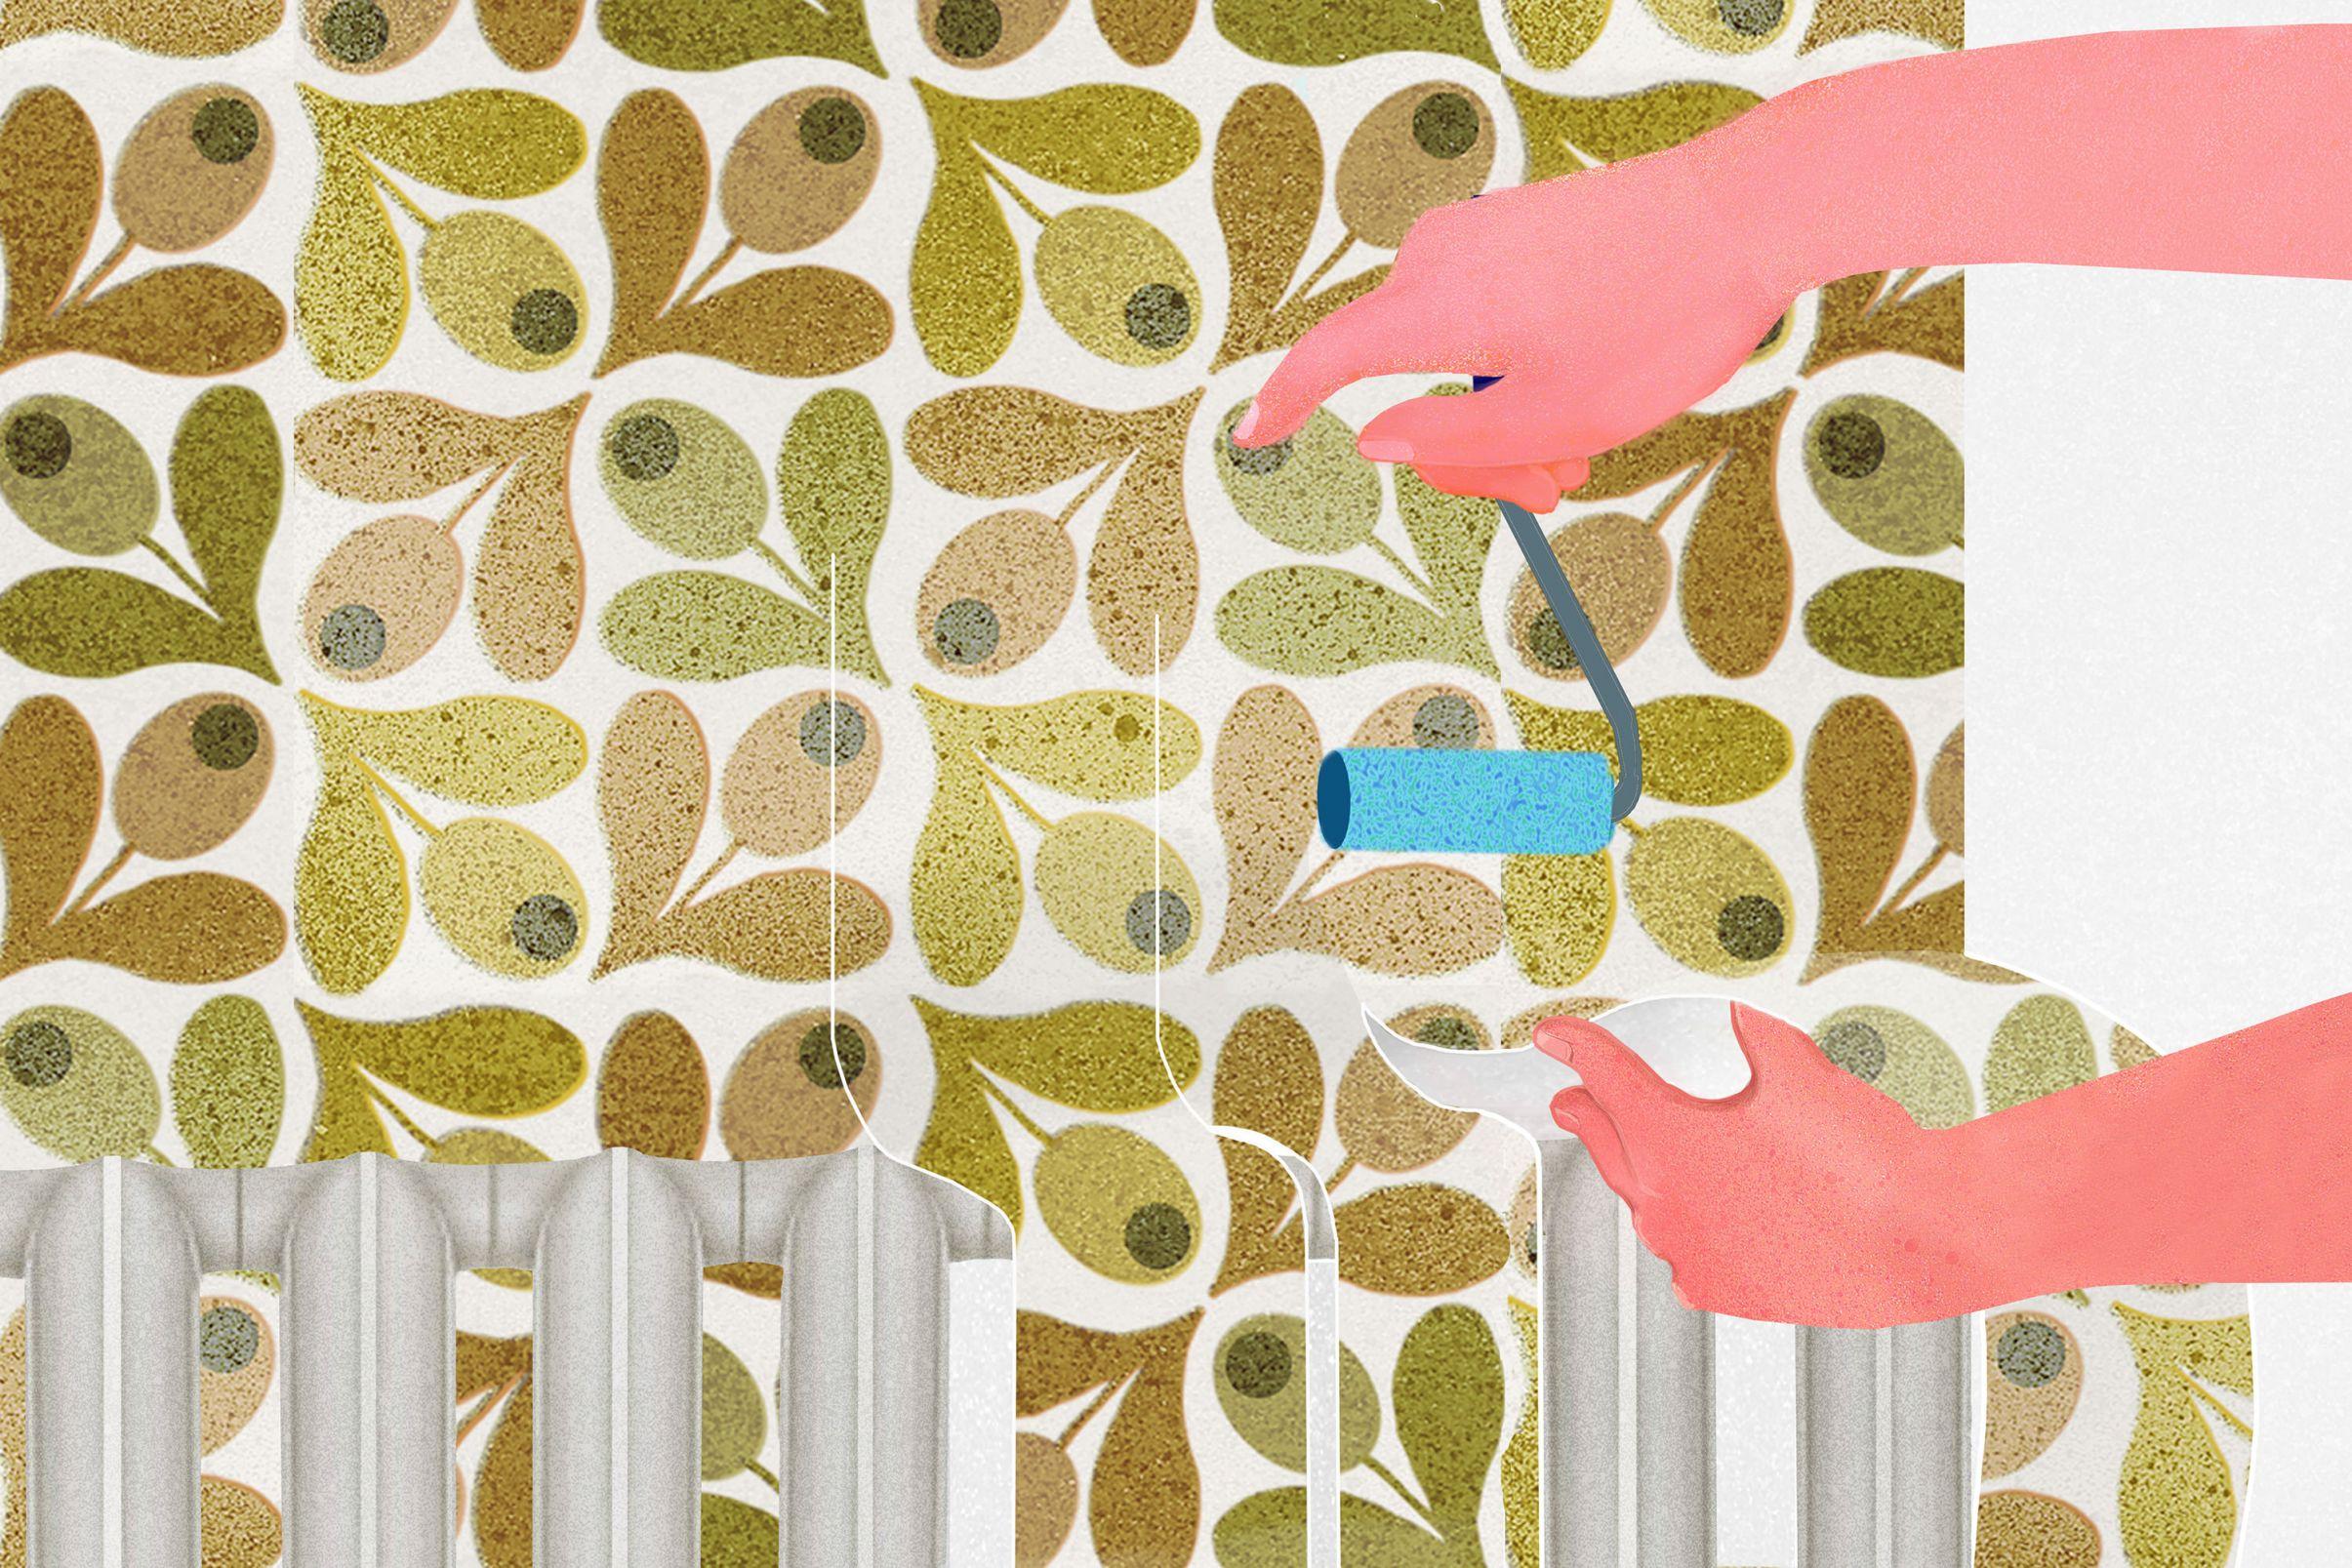 Come-tappezzare-dietro-ai-caloriferi-Tagliare-teli-individuali-e-posarli-sulla-parete-dietro-al-calorifero